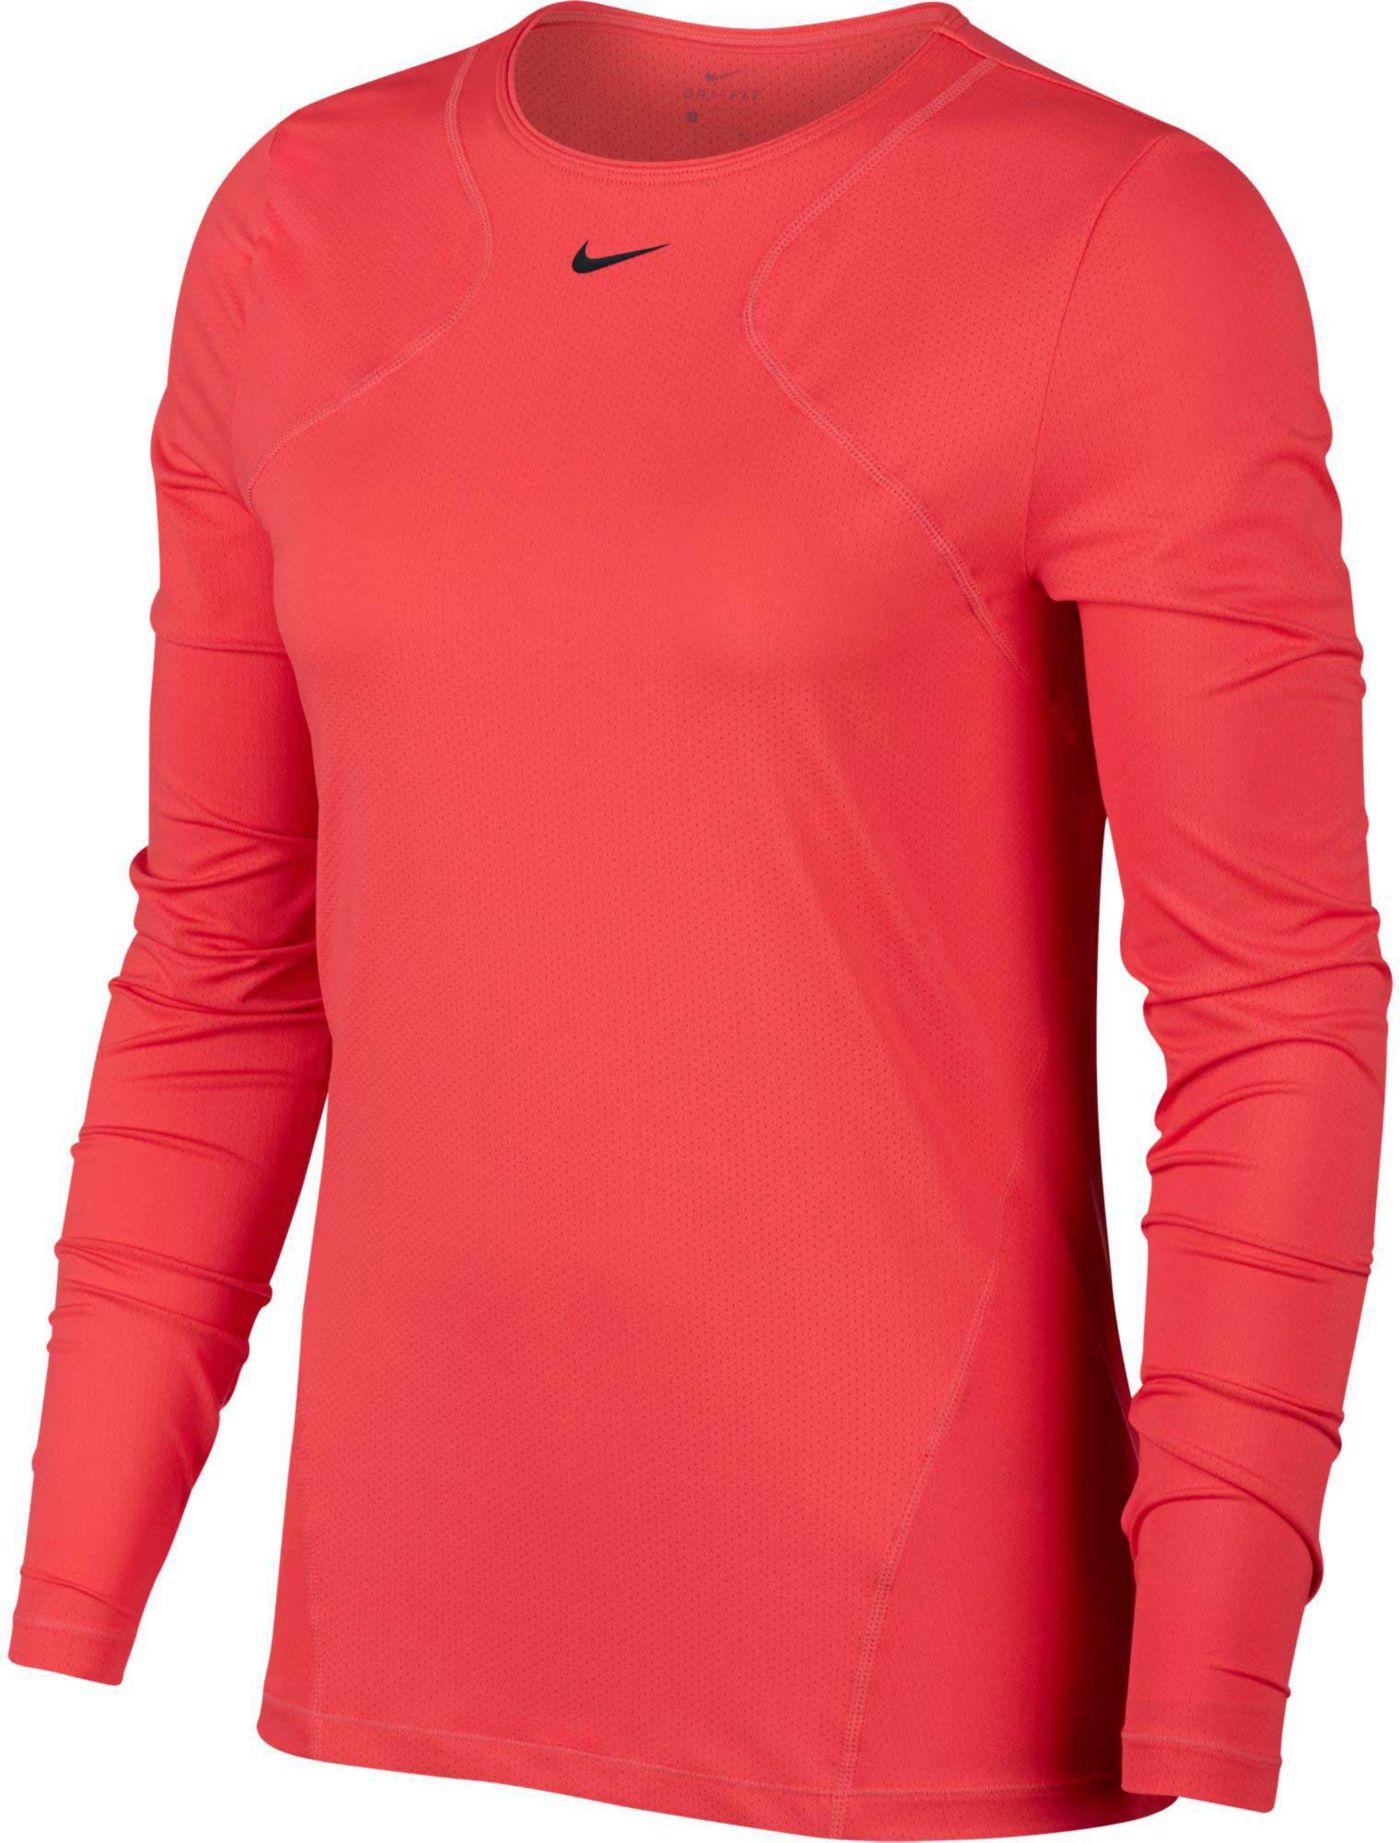 Nike Women's Pro Long Sleeve Mesh Top